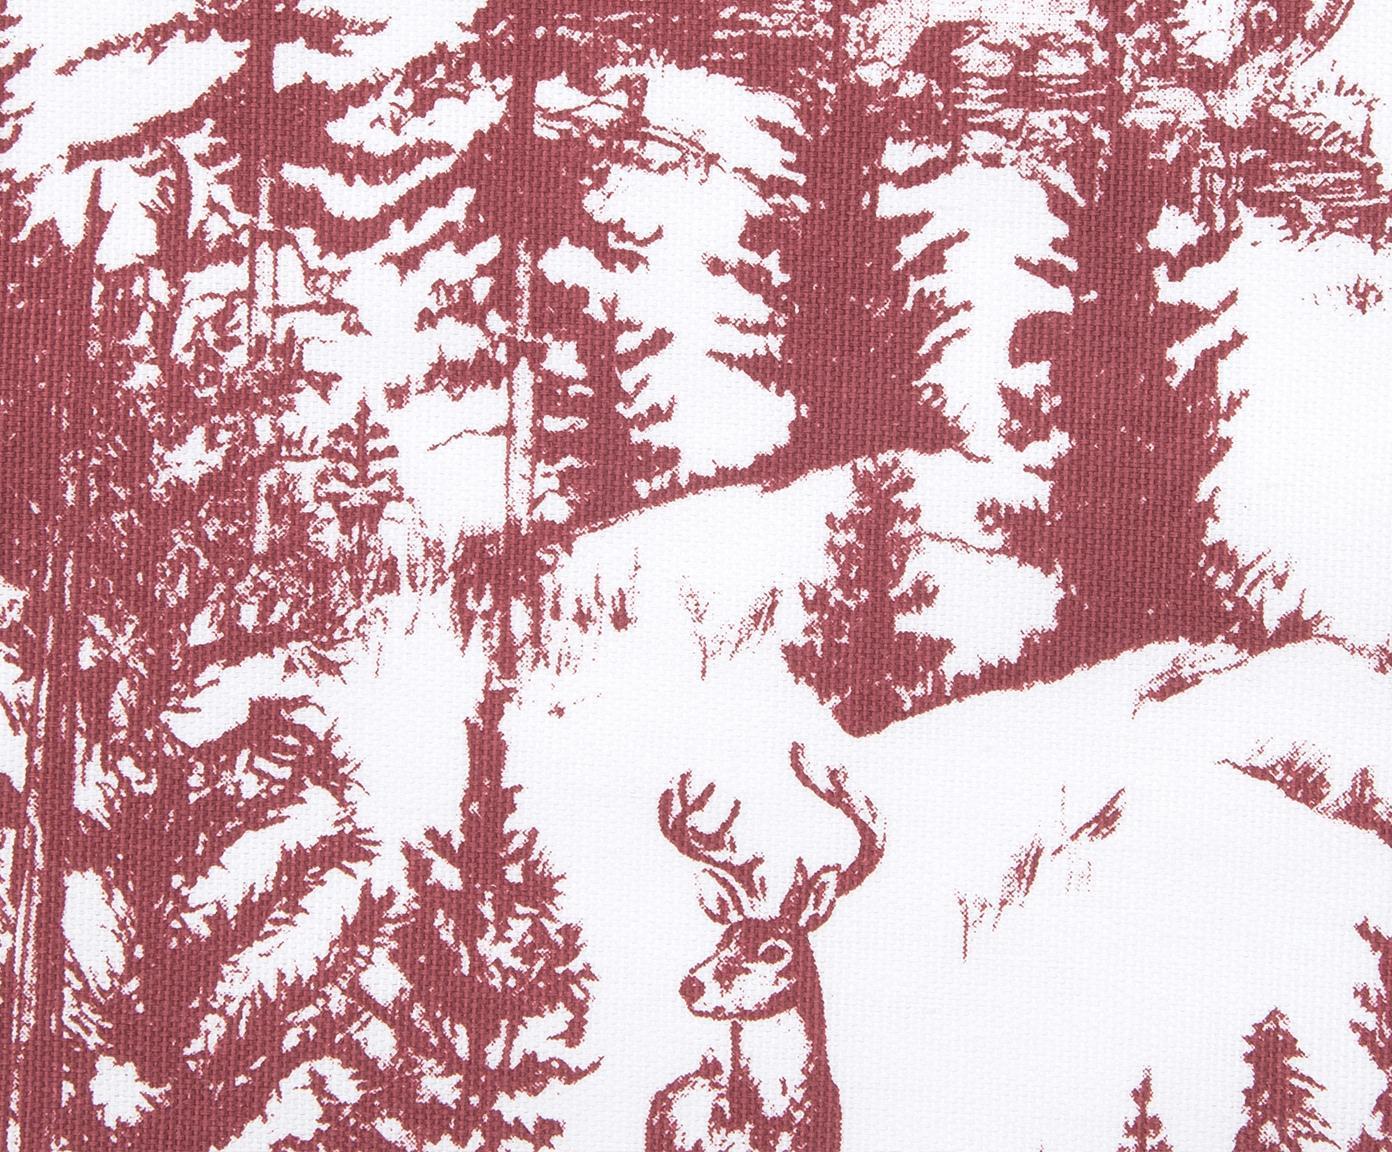 Kissenhülle Nordic mit winterlichem Motiv, 100% Baumwolle, Weiß, Rot, 40 x 40 cm